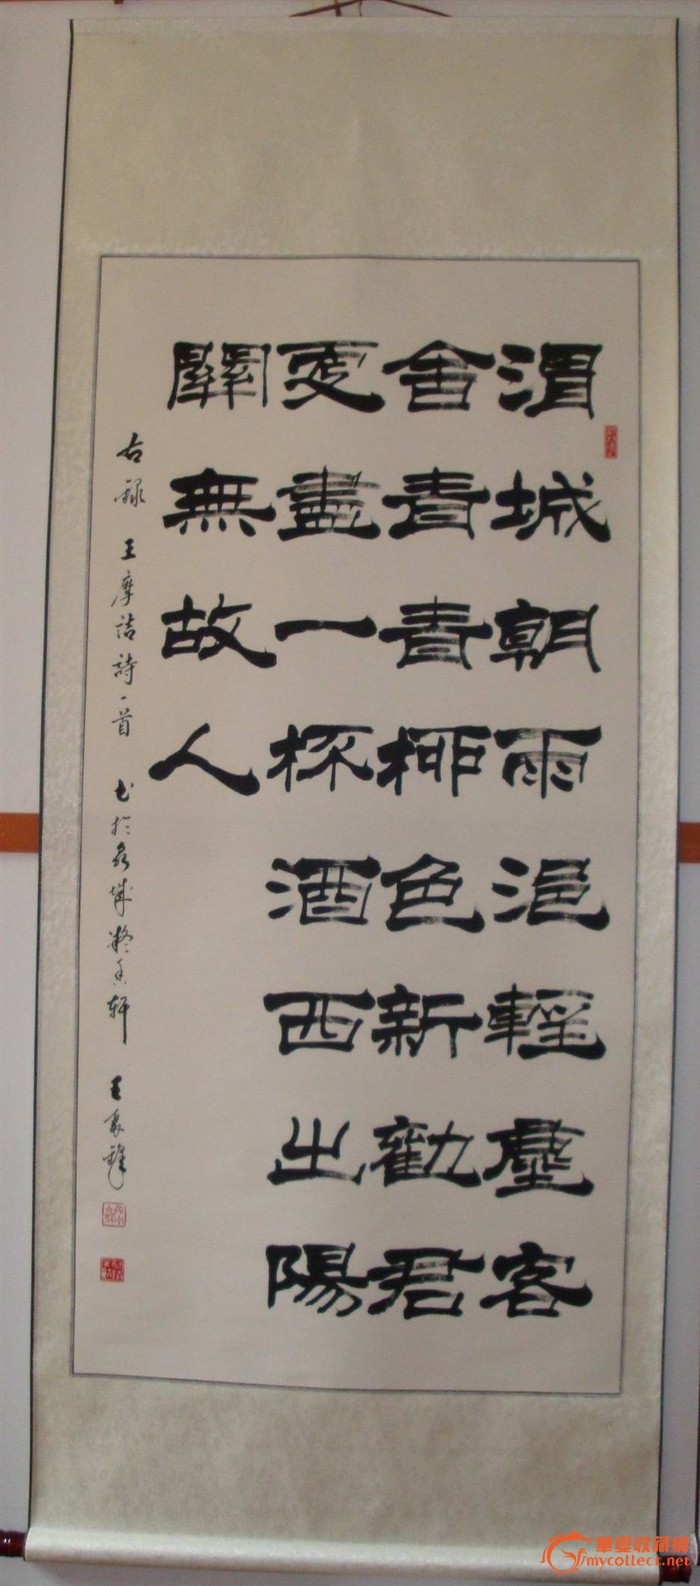 四尺隶书中堂 著名书法家王聚锋先生的书法作品